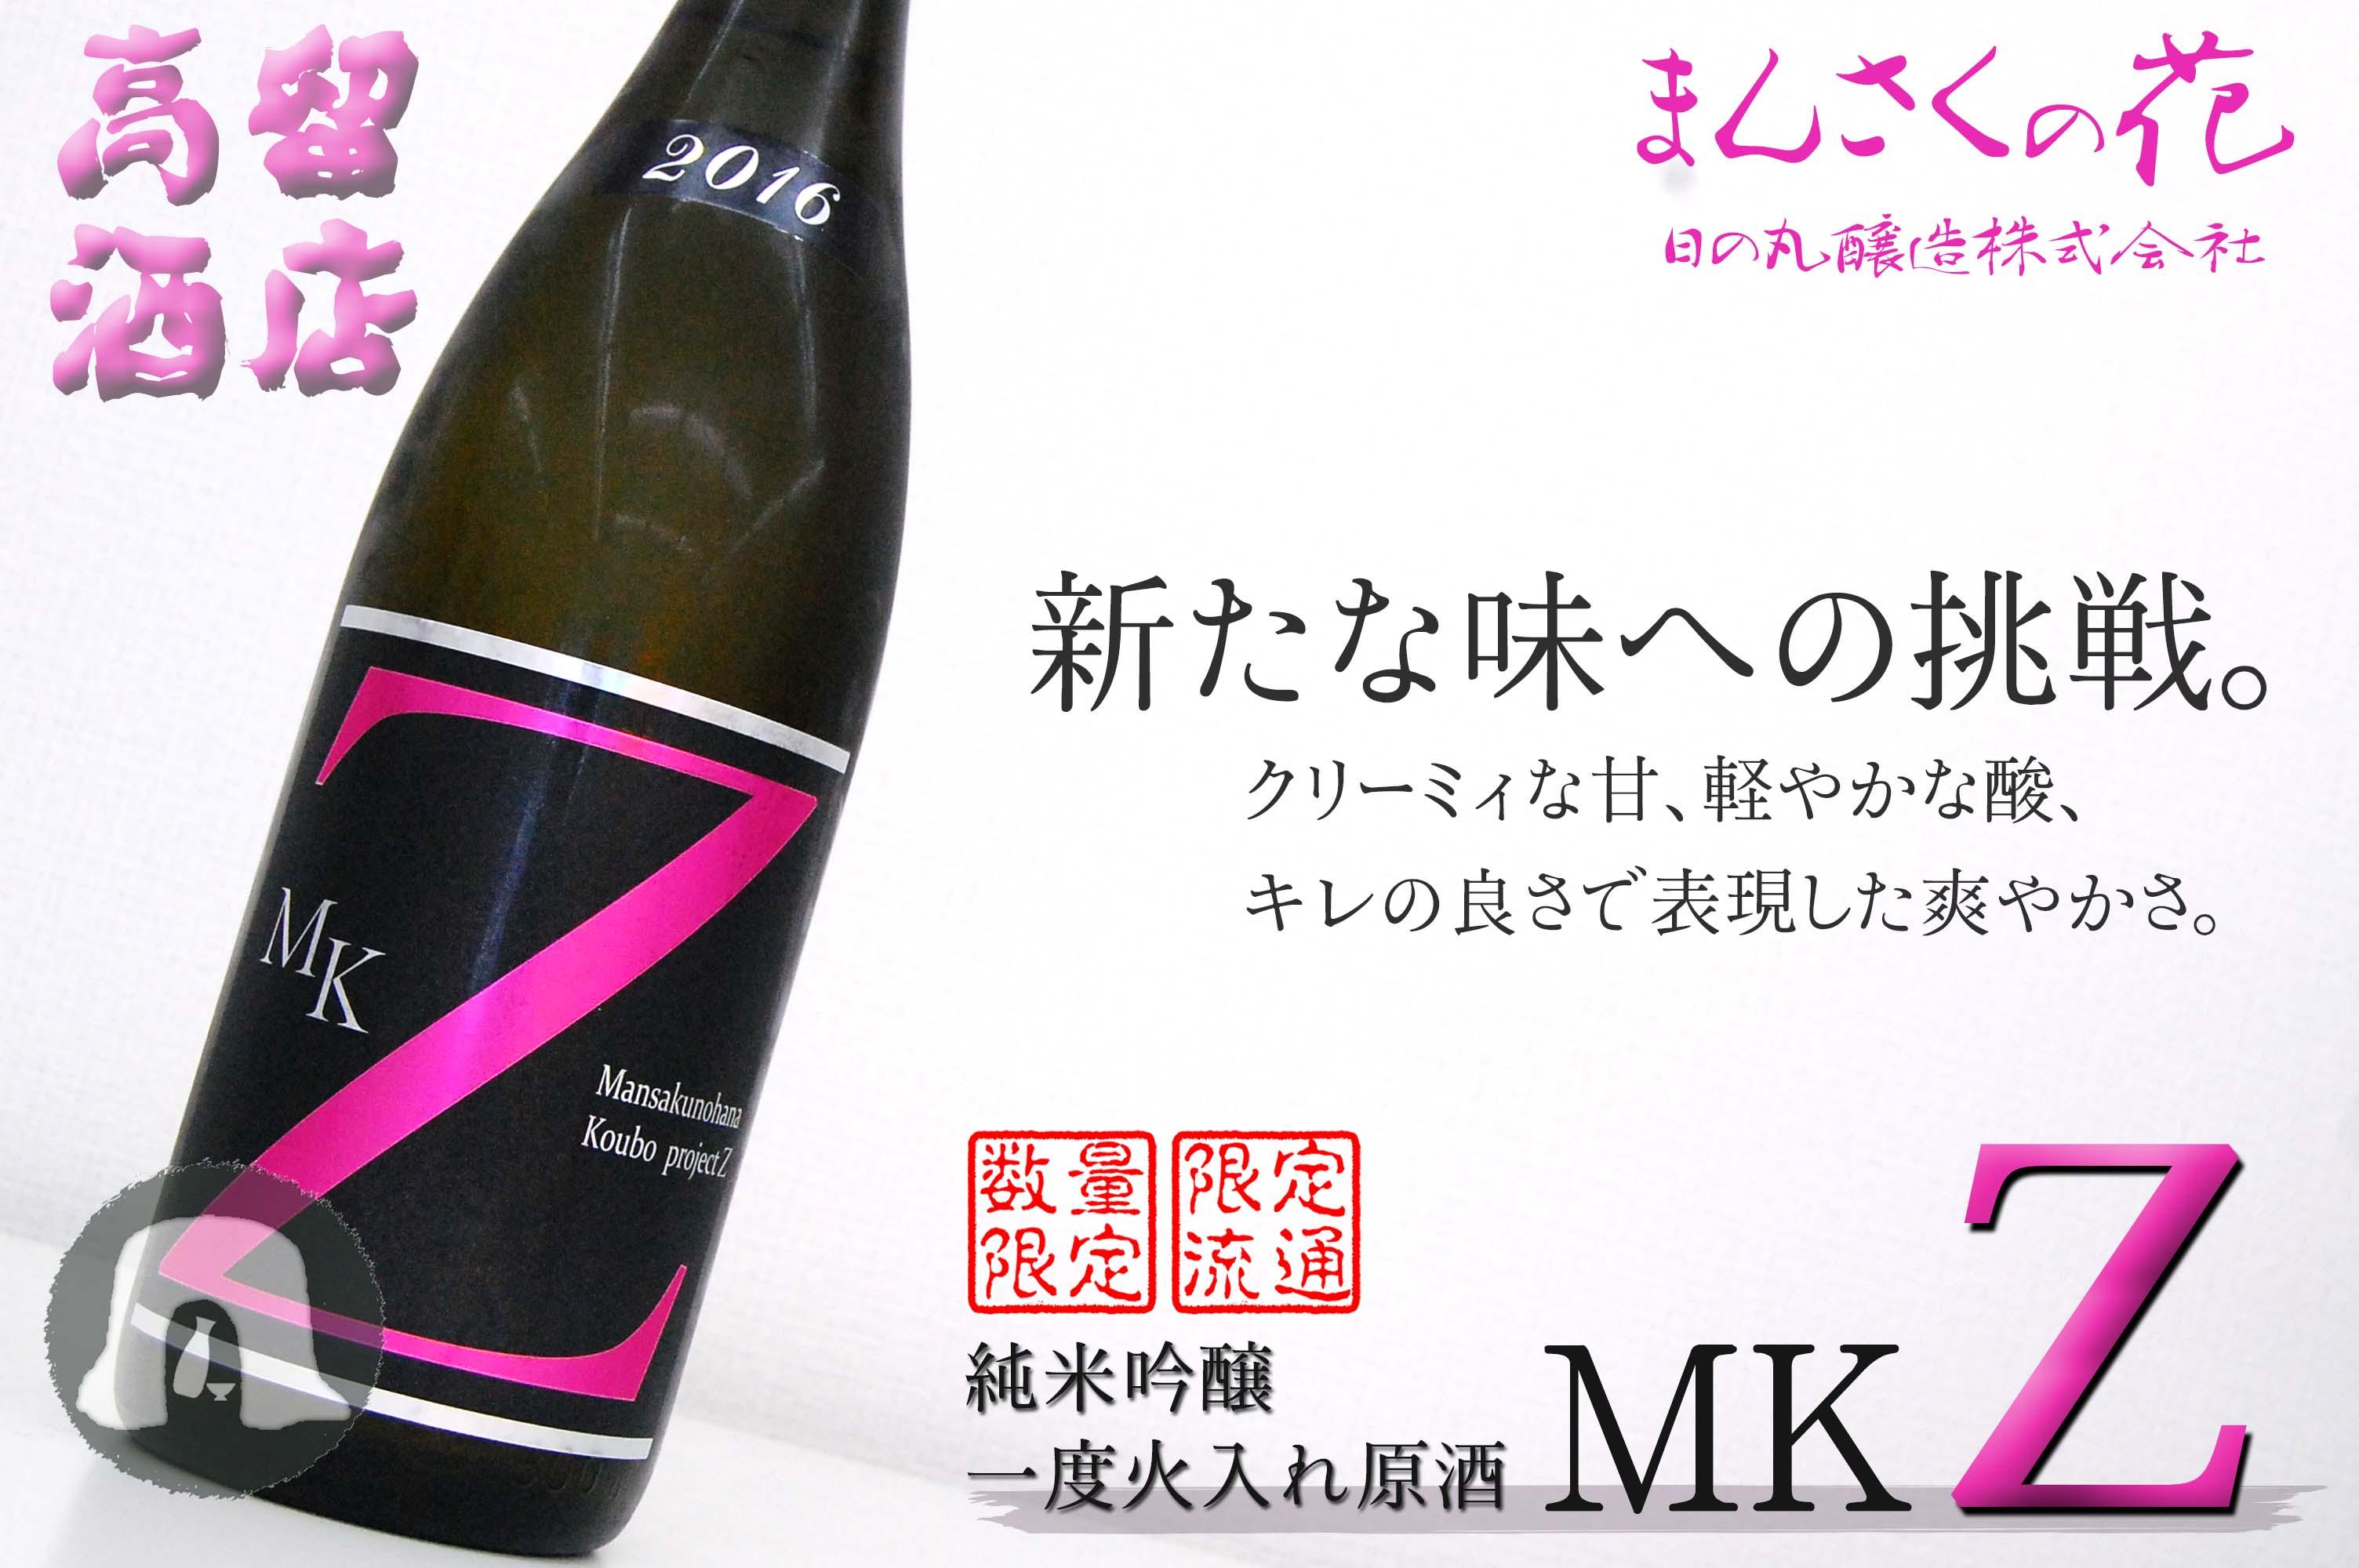 いっぽん!!,しあわせの日本酒,グランドジャンプ,まんさくの花,うまから,特約店,高留酒店,うまざけ屋